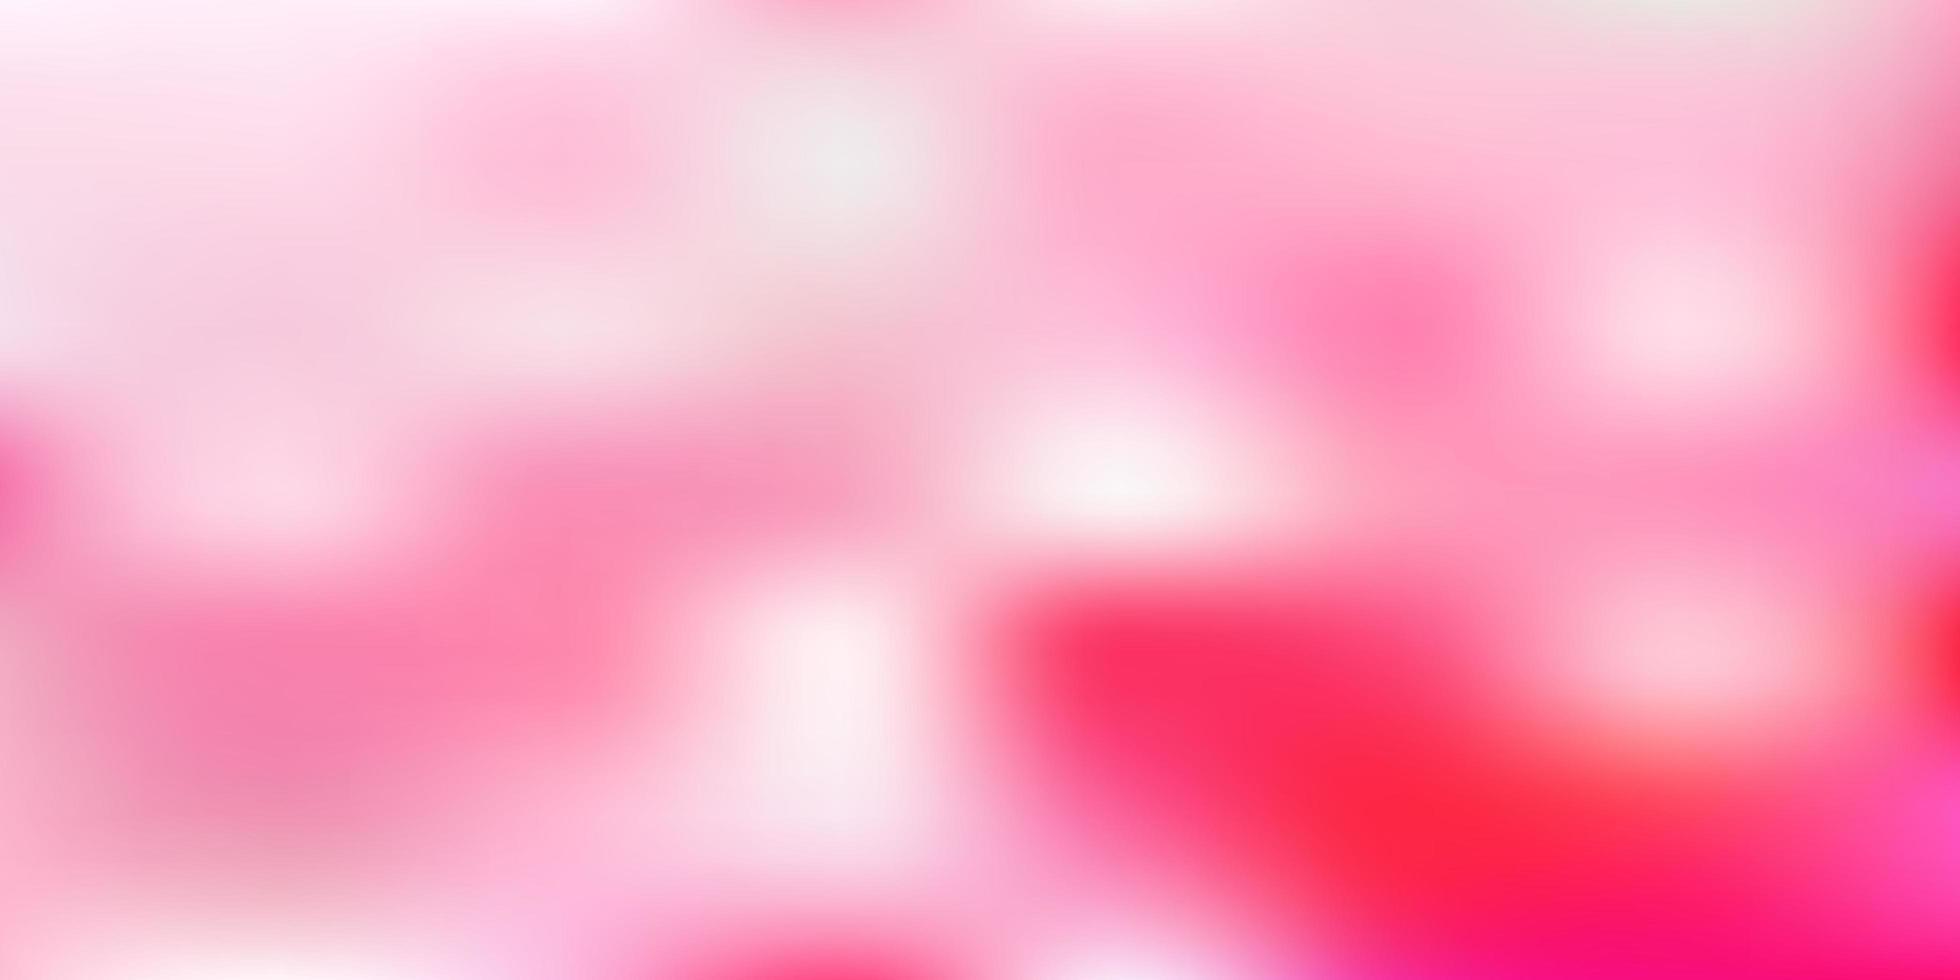 fond flou dégradé vecteur rose clair.